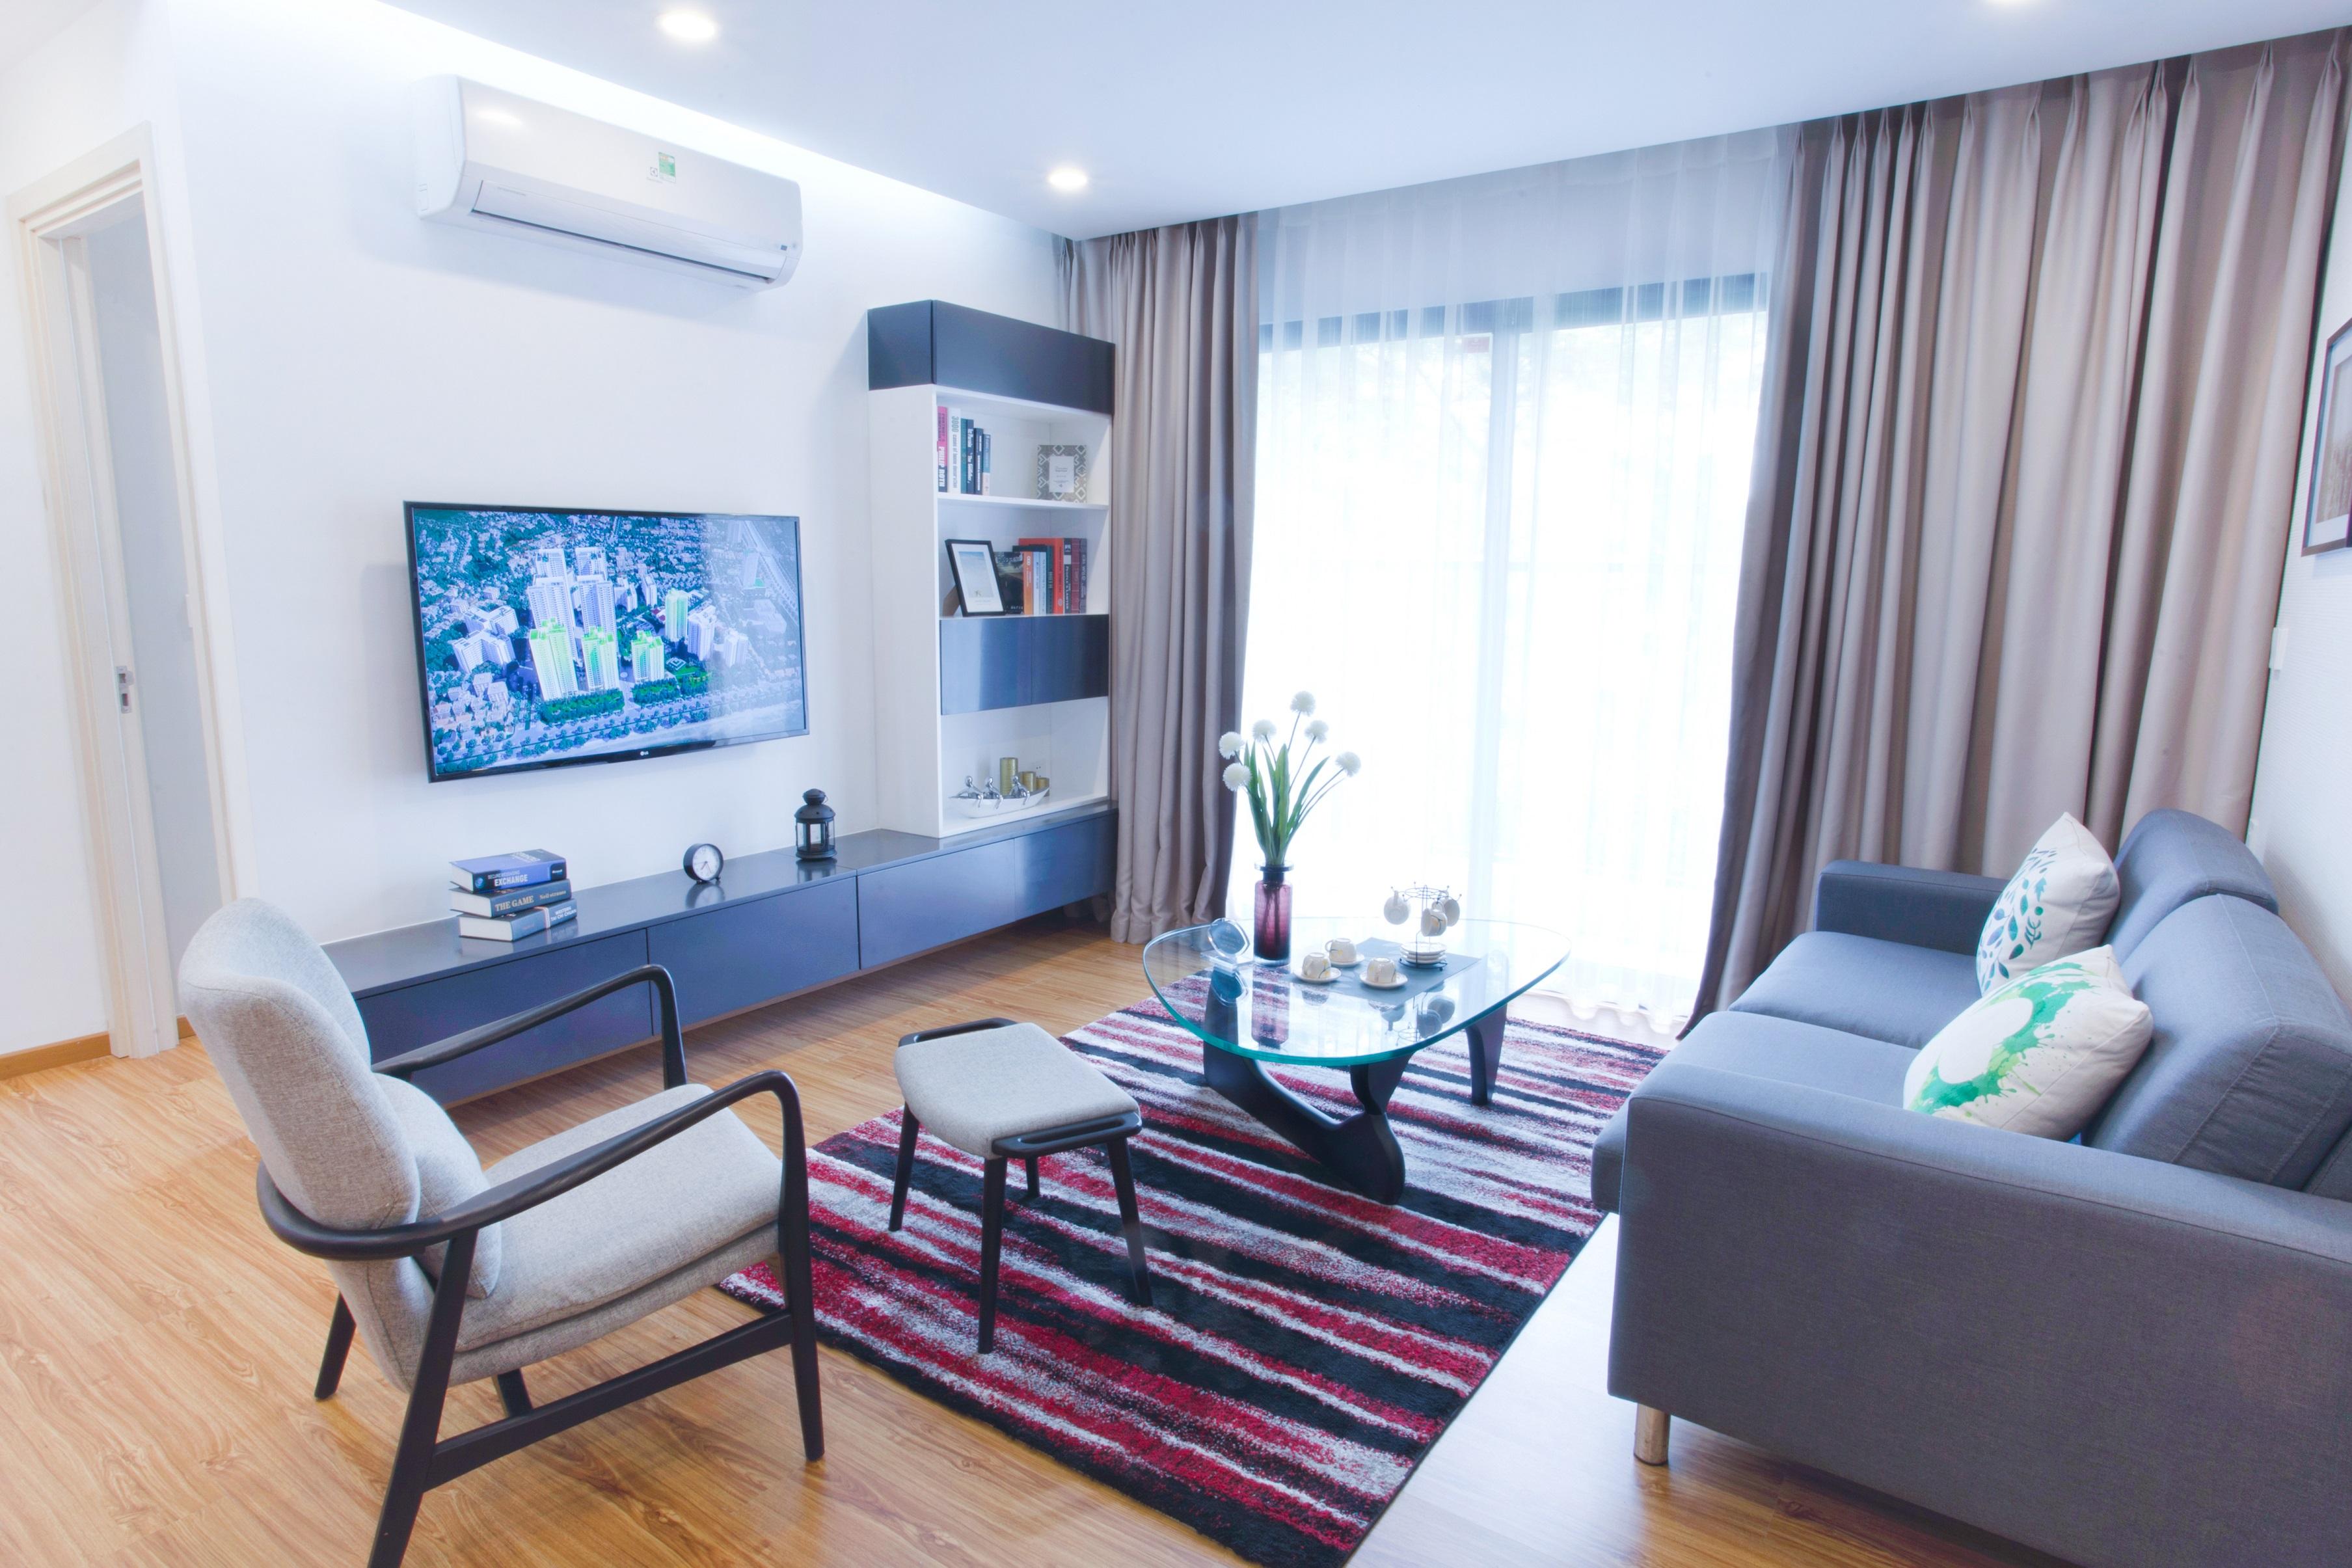 Căn hộ mẫu Hồng Hà Eco City được thiết kế theo phong cách hiện đại, đơn giản